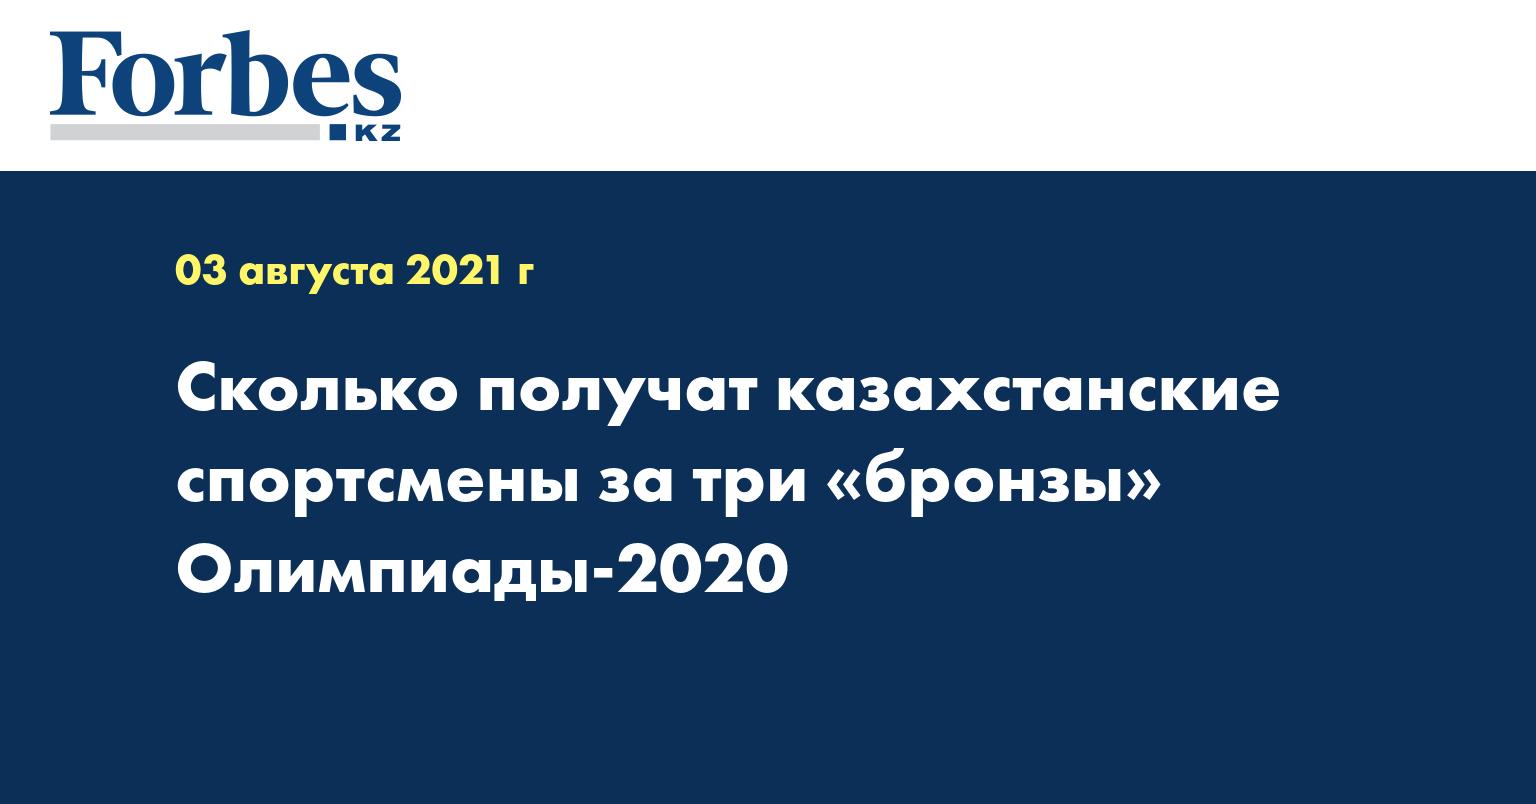 Сколько получат казахстанские спортсмены за три «бронзы» Олимпиады-2020